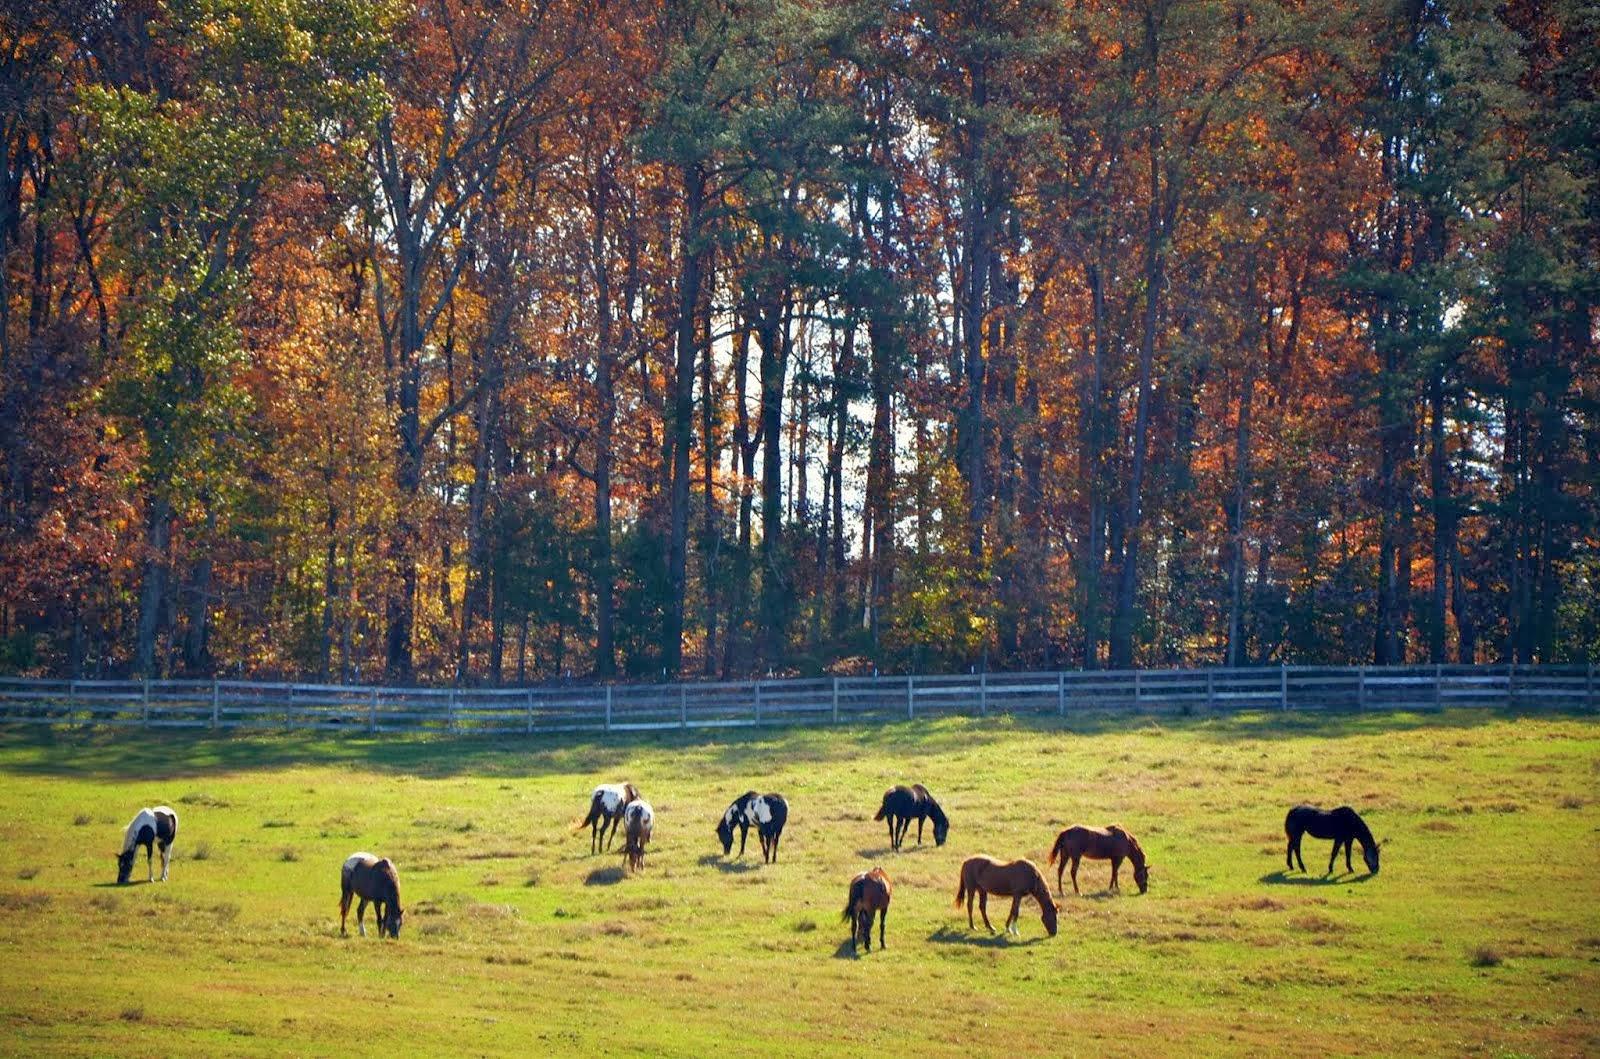 Horses Nov. 2013